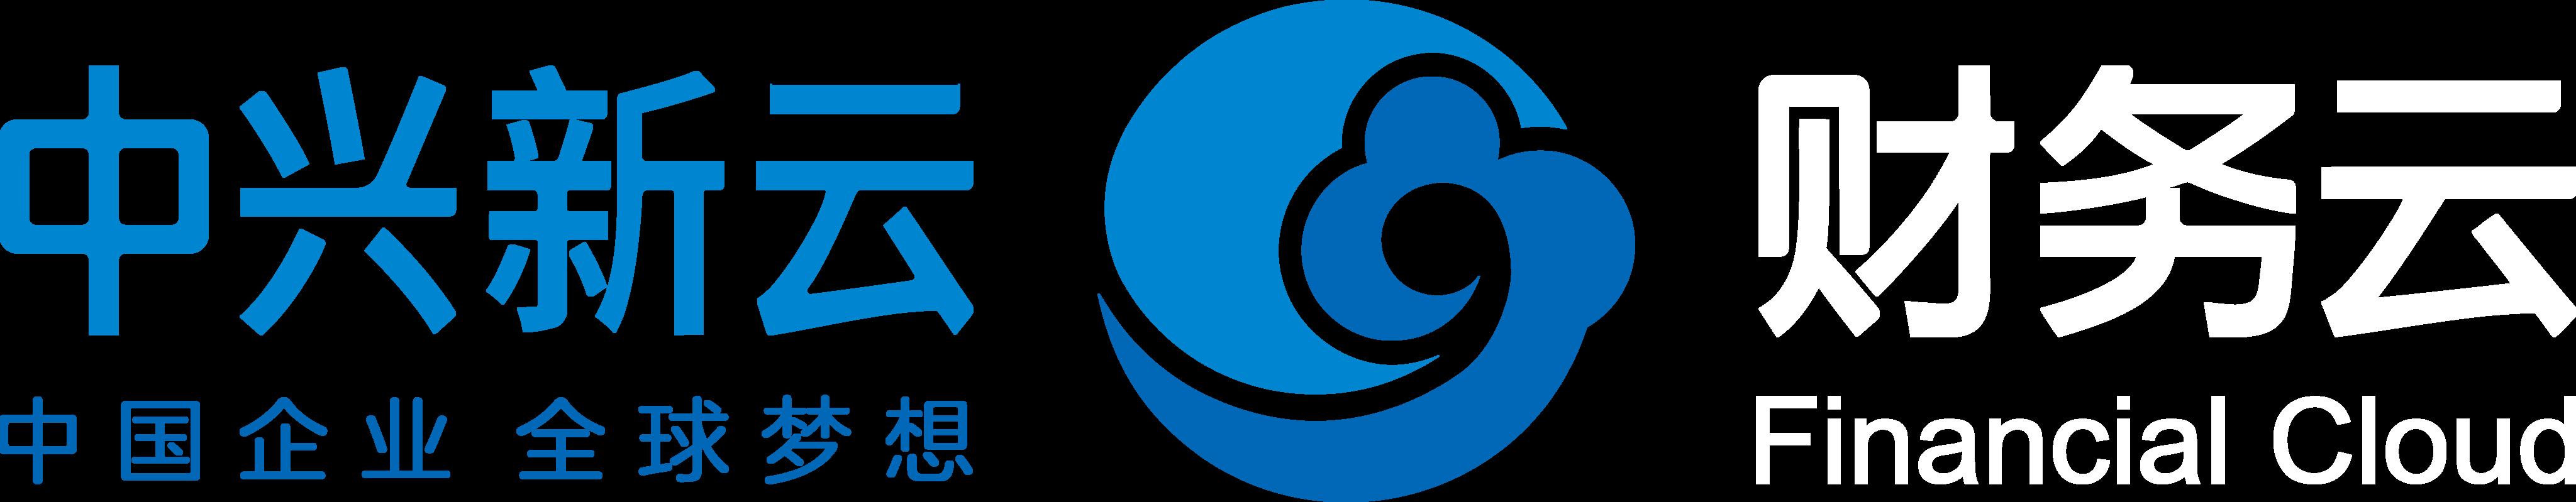 中兴新云·财务云 logo